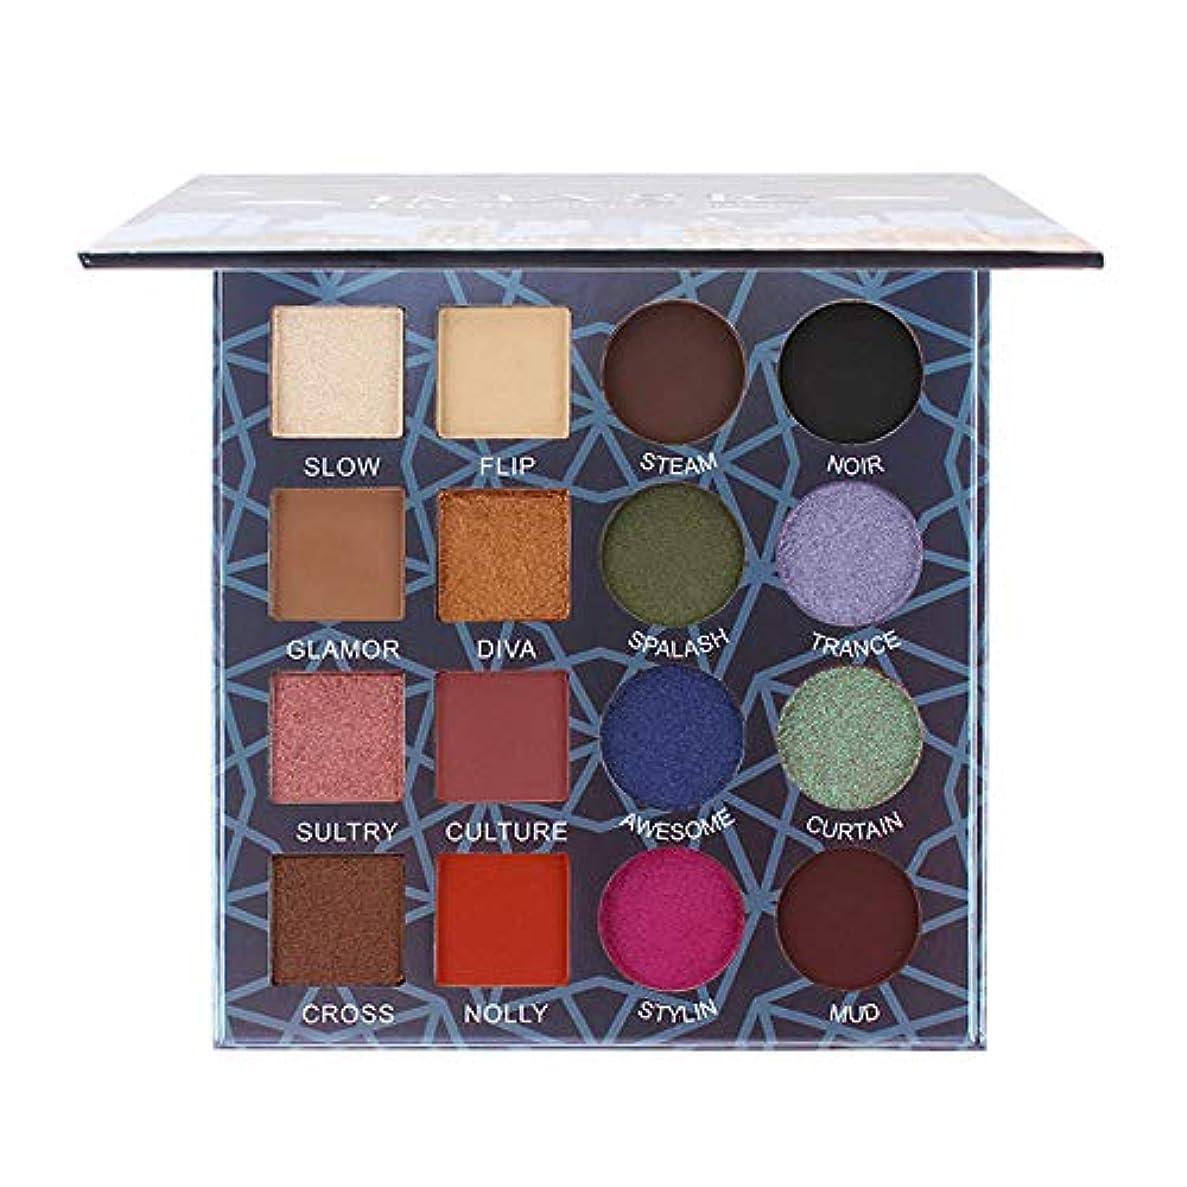 衝突騒ぎ捕虜16色キラキラ輝くアイシャドープレートパウダーマットアイシャドー化粧品メイクアップ